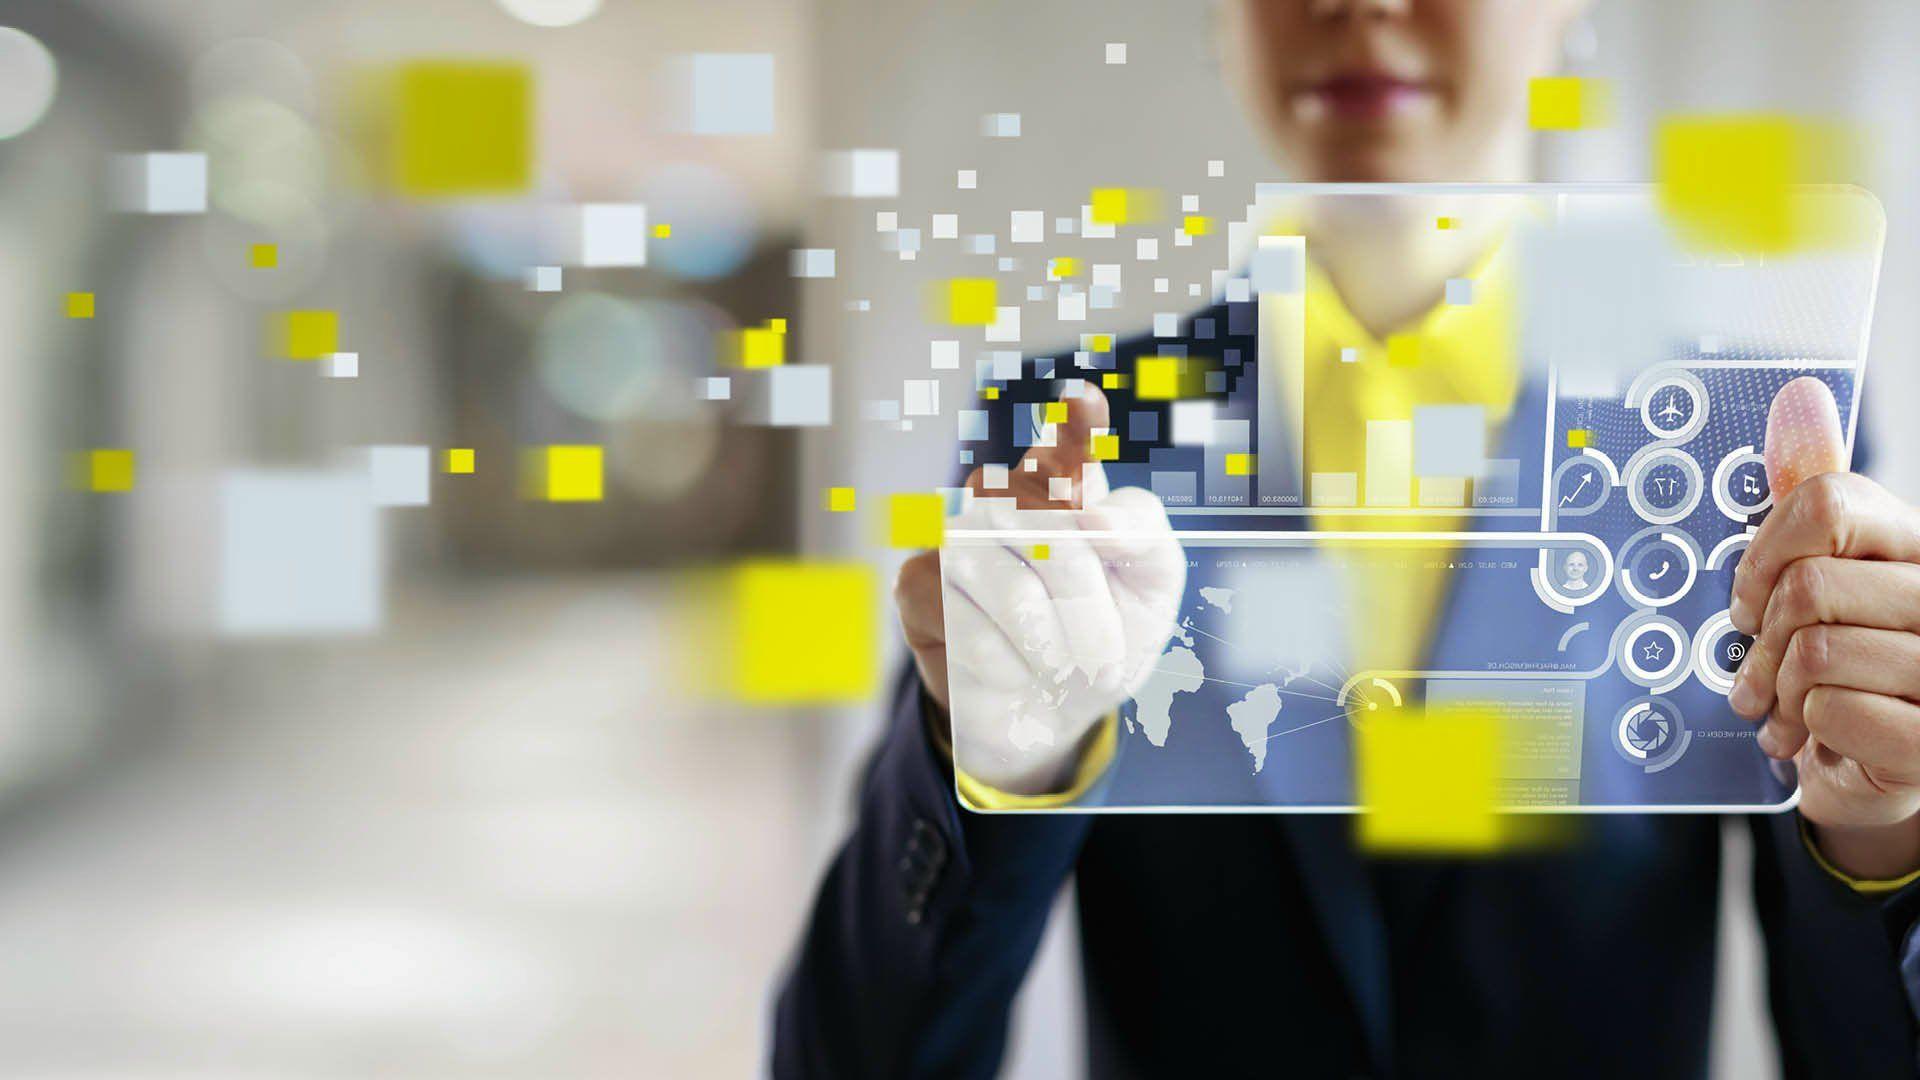 digital-marketing-agency-in-tirupur-digital-marketing